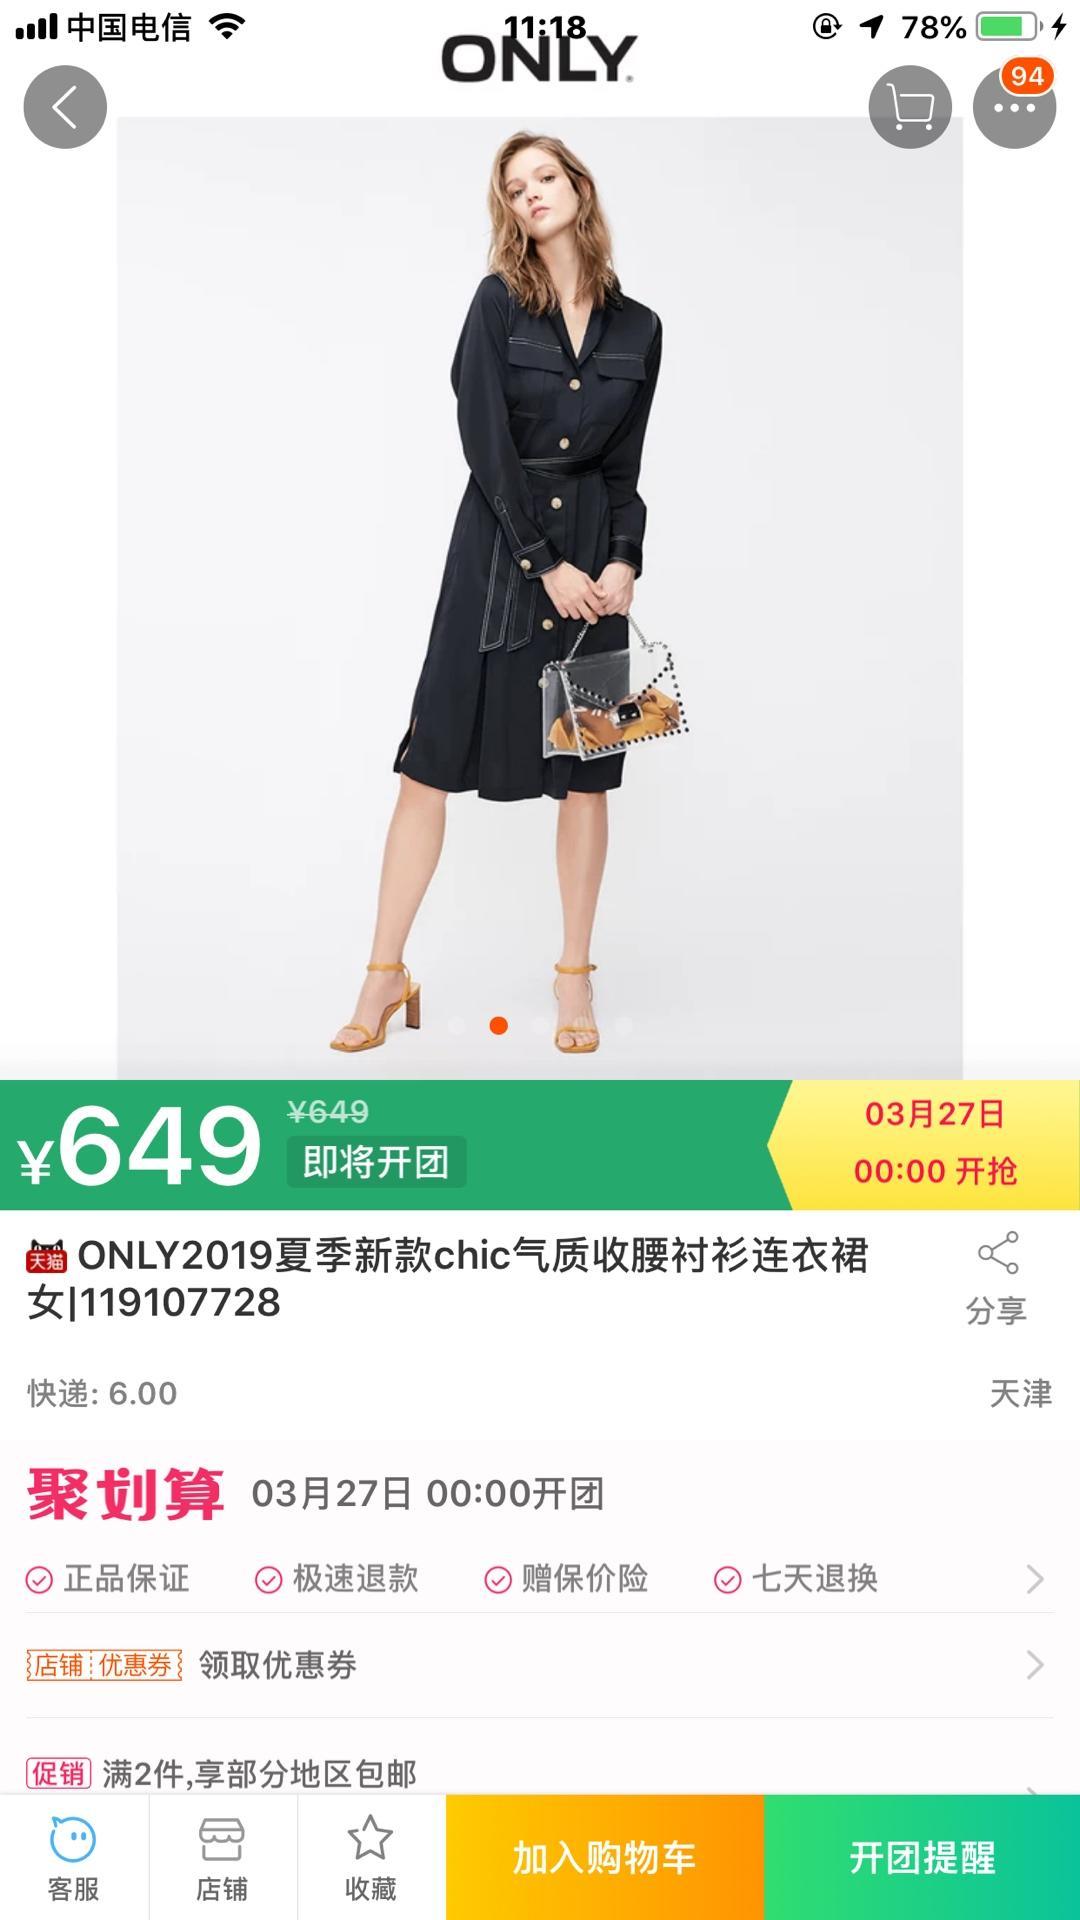 🔥🔥现货新款95💰  ONLY2019夏季新款chic气质收腰衬衫连衣